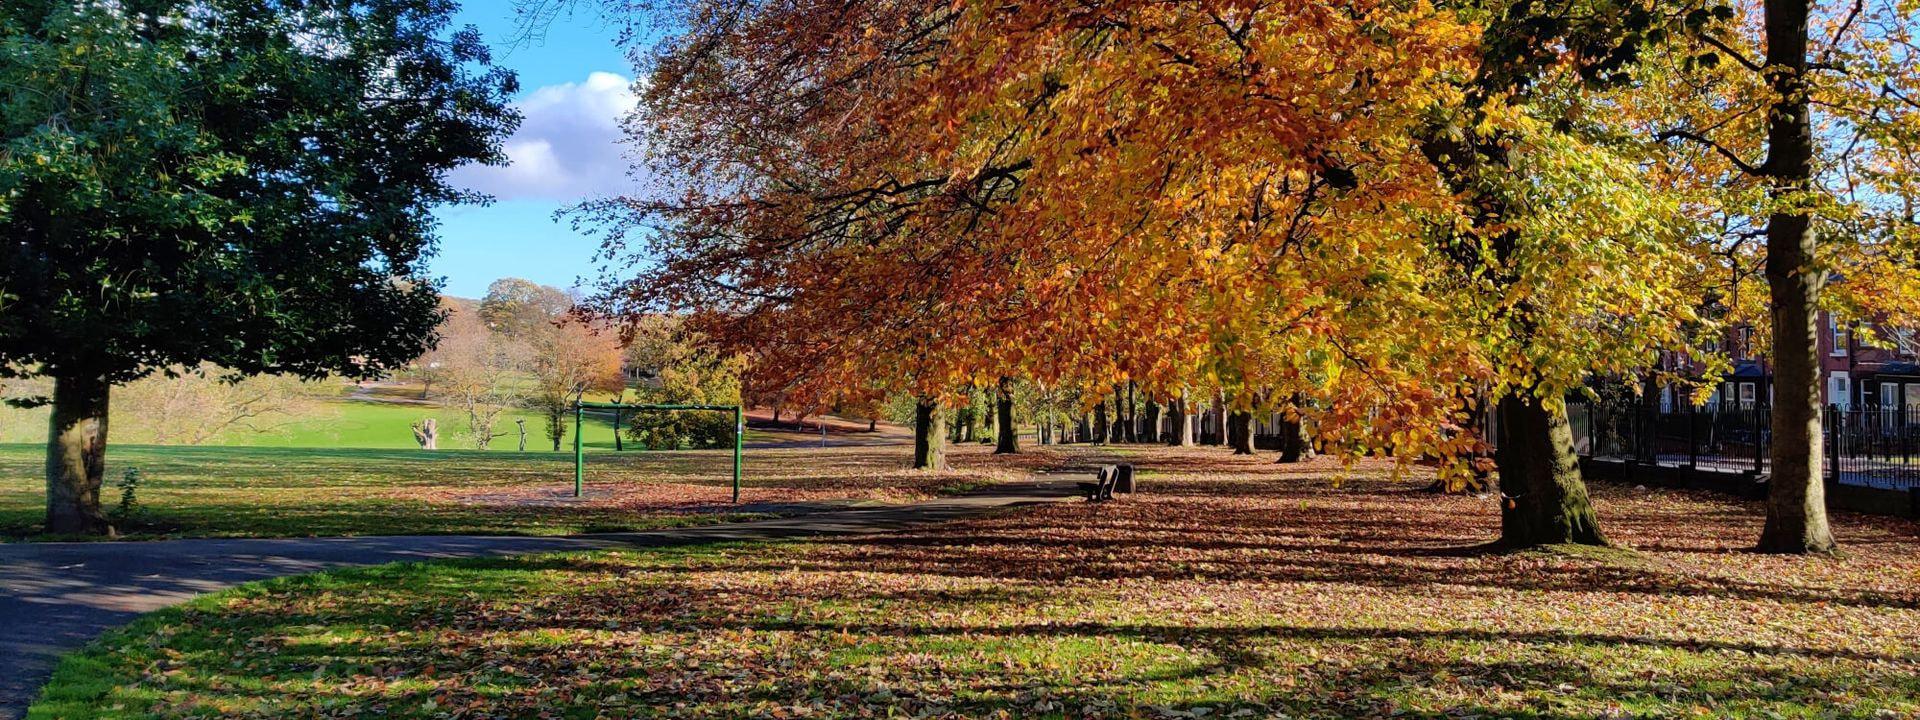 Potternewton Park view across the park